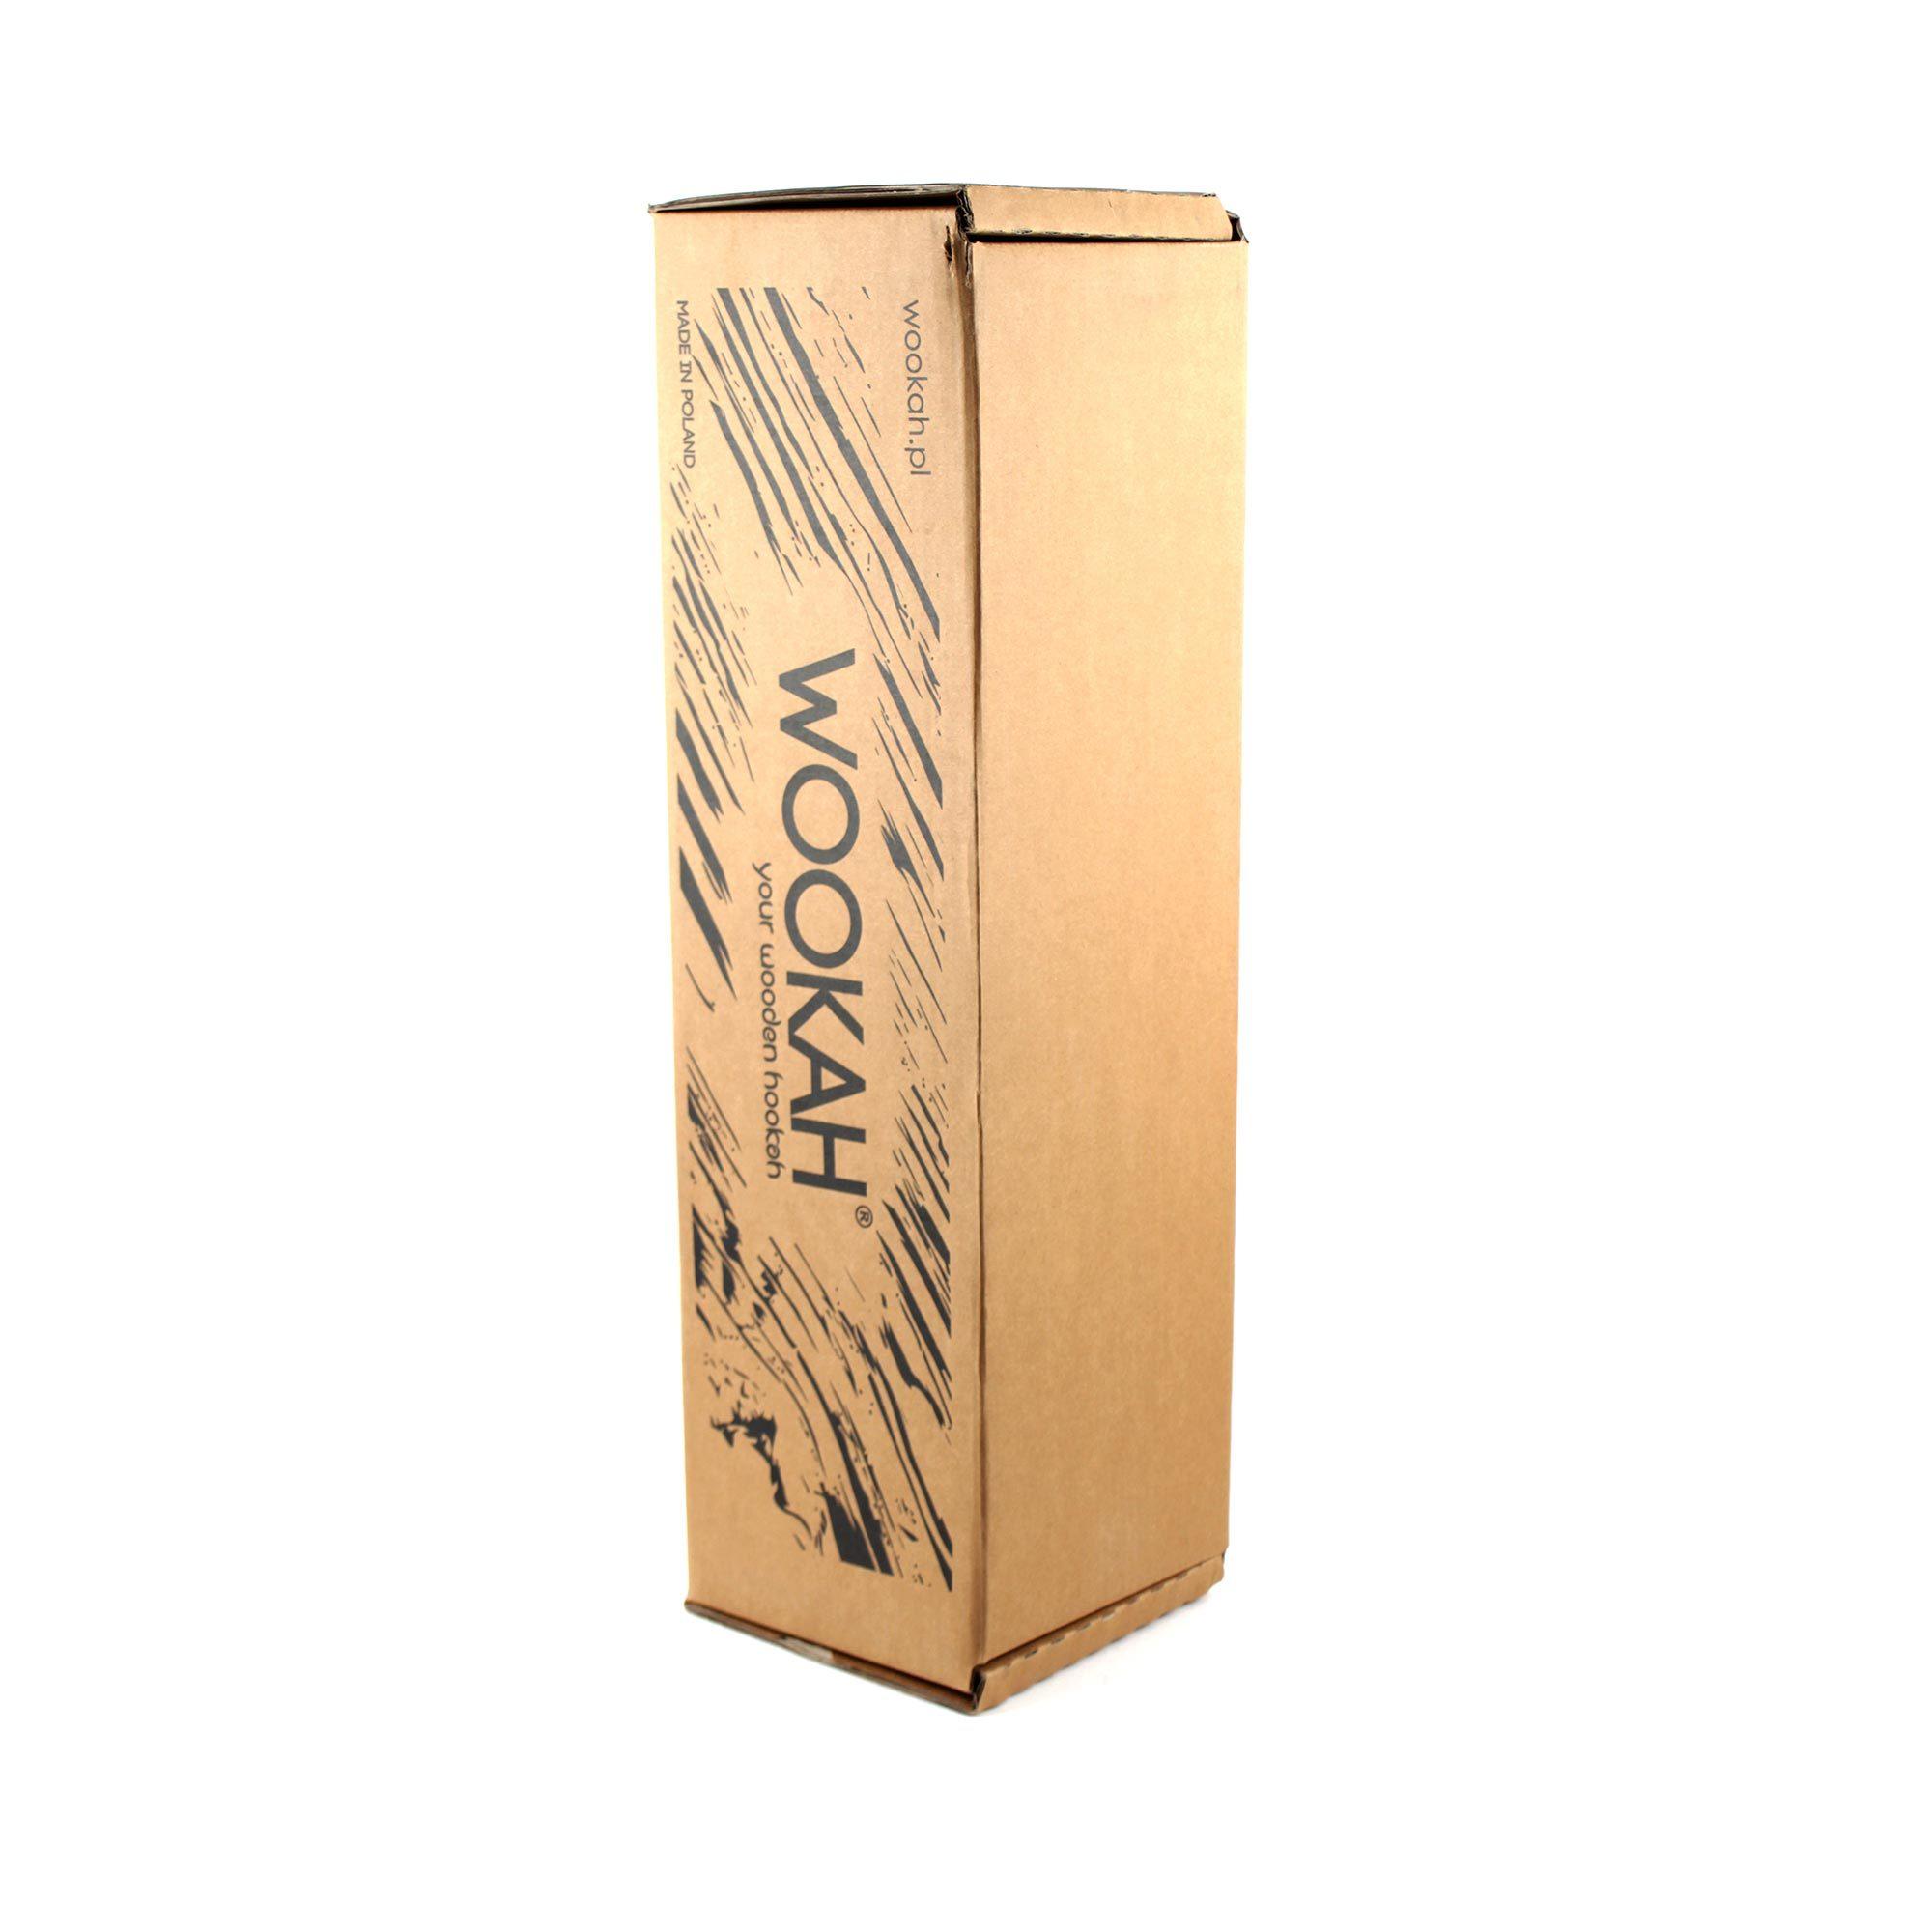 Фирменная коробка Wookah OAK с колбой Smooth